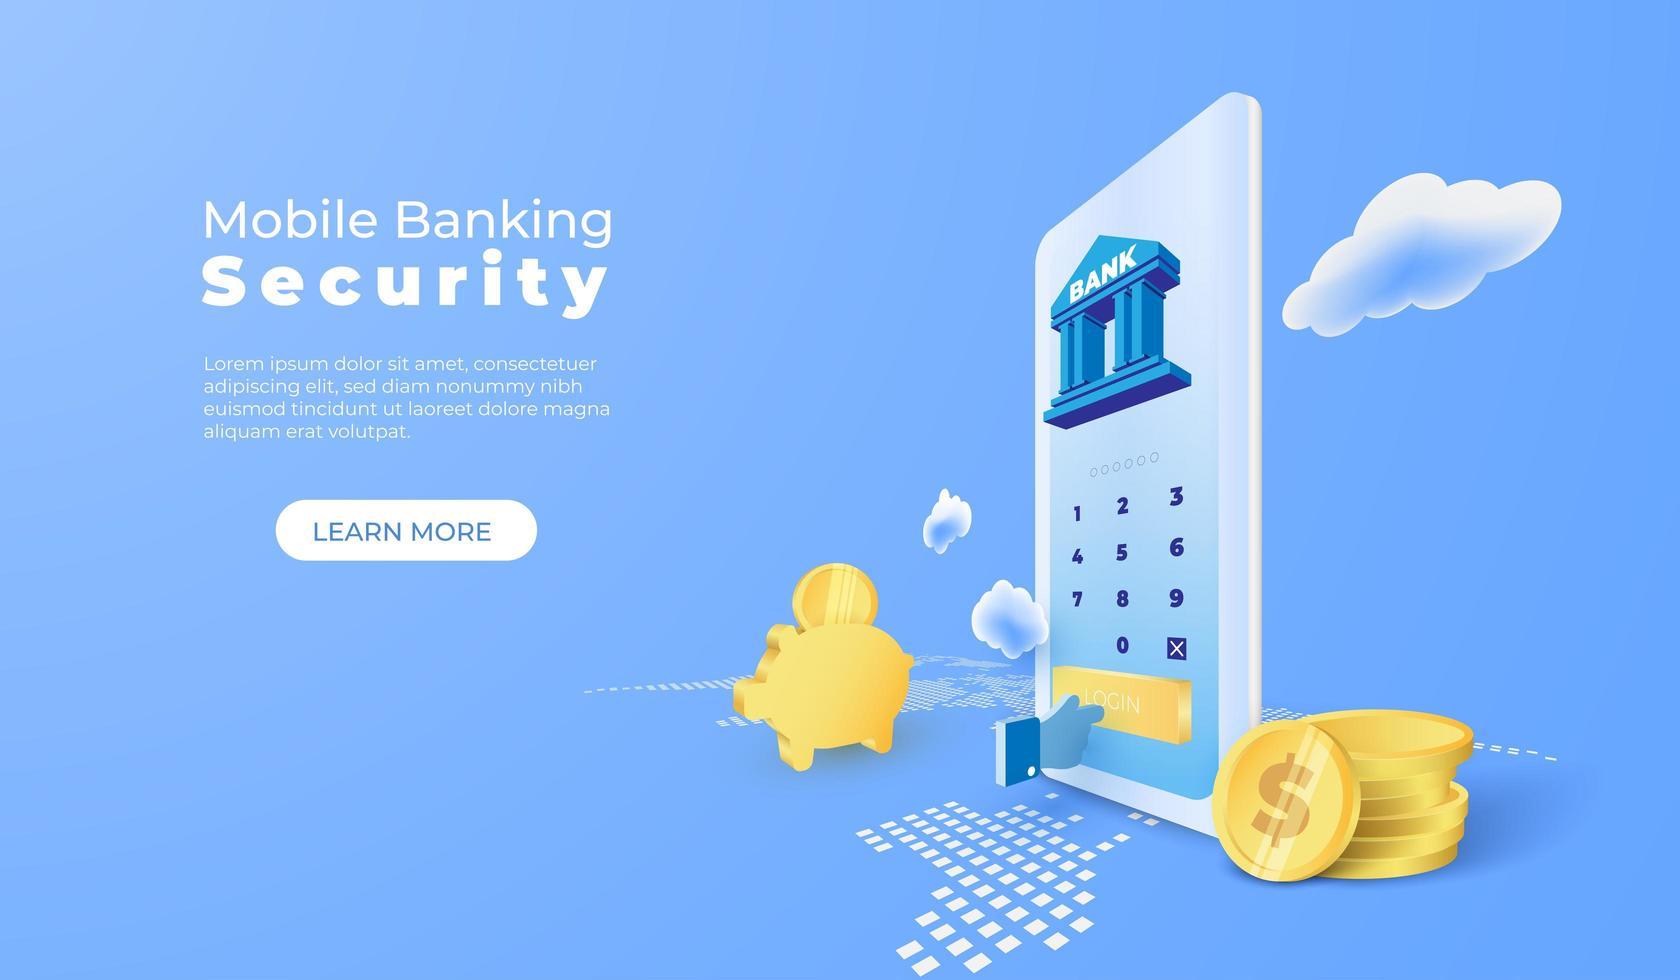 serviço bancário com aplicativo móvel com moedas no mapa do mundo vetor